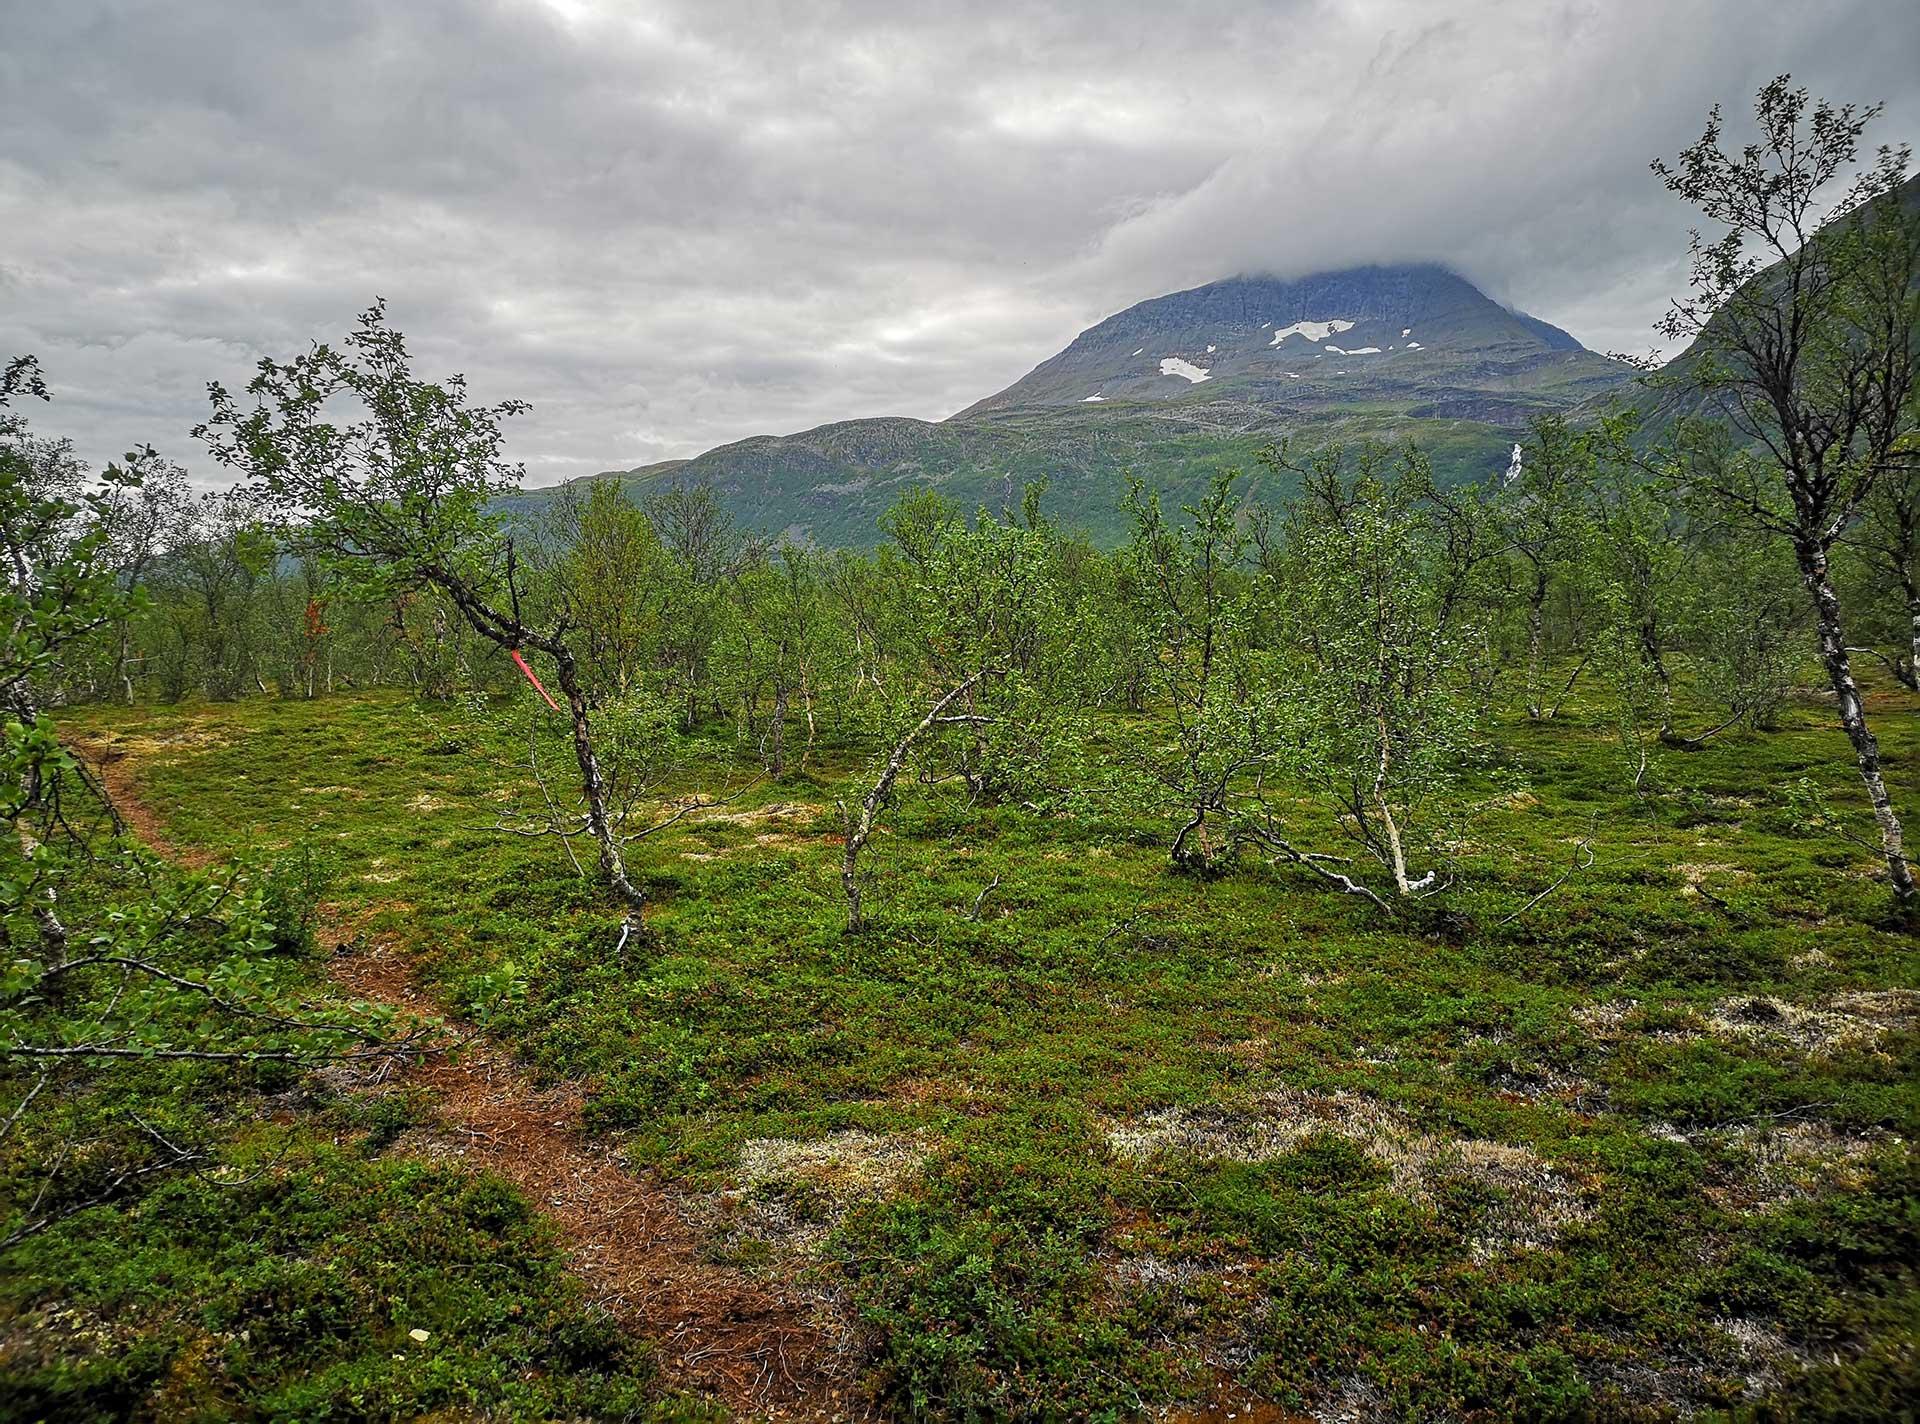 Mellom Hamperokken og Tromsdalstind får du et lettløpt og fint parti i bunn av dalen. Da jeg så toppen av Tromsdalstind igjen så fjellet ut som et monster. Hvordan skulle jeg klare å komme opp igjen der? Å trene på lange og bratte bakker der du må gå raskt er lurt. Da jeg kom til toppen var lettelsen stor.